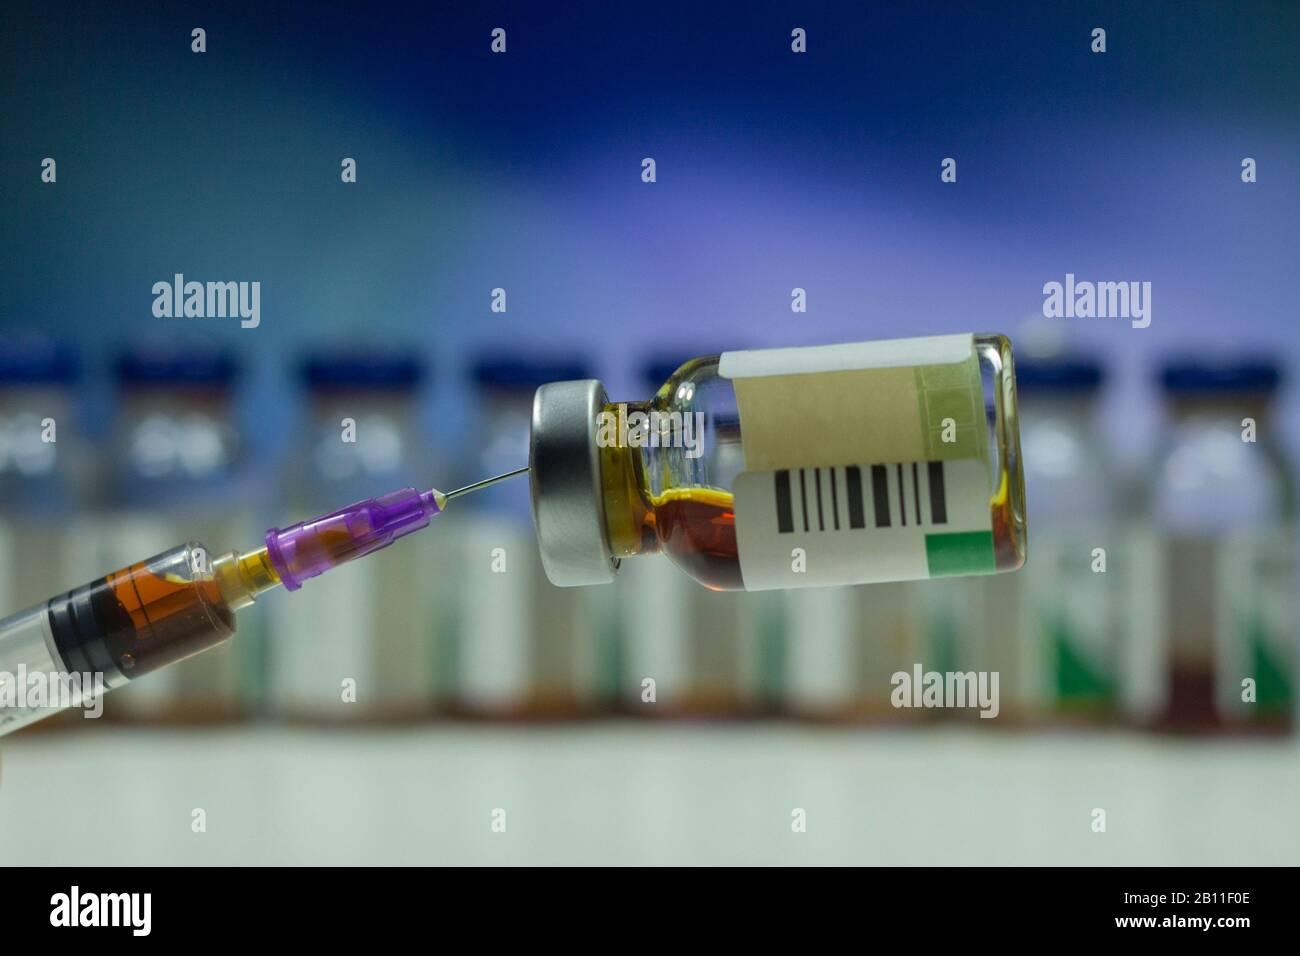 Insulin Bottle Banque d'image et photos   Page 40   Alamy